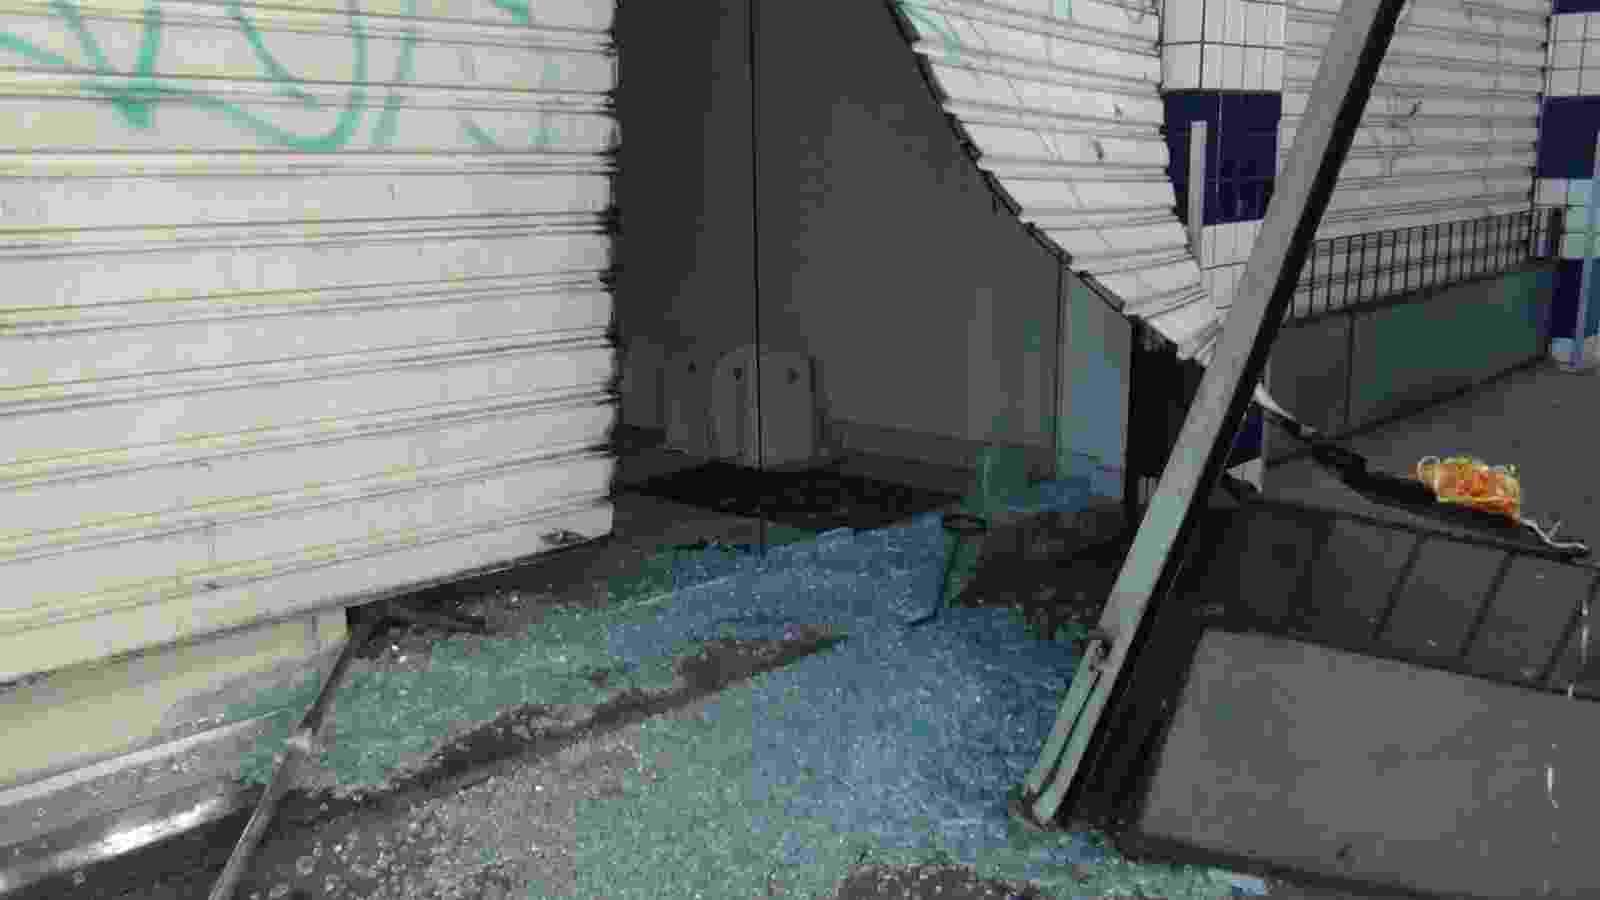 16.abr.2014 - Vários supermercados e lojas de Salvador amanheceram arrombados e tiveram mercadorias roubadas e saqueadas na madrugada desta quarta-feira (16), após policiais militares entrarem em greve. Até as 9h de hoje, foram registrados roubos em estabelecimentos comerciais nos bairros Baixa dos Sapateiros, Caixa D'Água, Fazenda Grande do Retiro, Vale do Ogunjá, Pau da Lima e São Caetano - Cláudio Cassiano/Agência A Tarde/Estadão Conteúdo